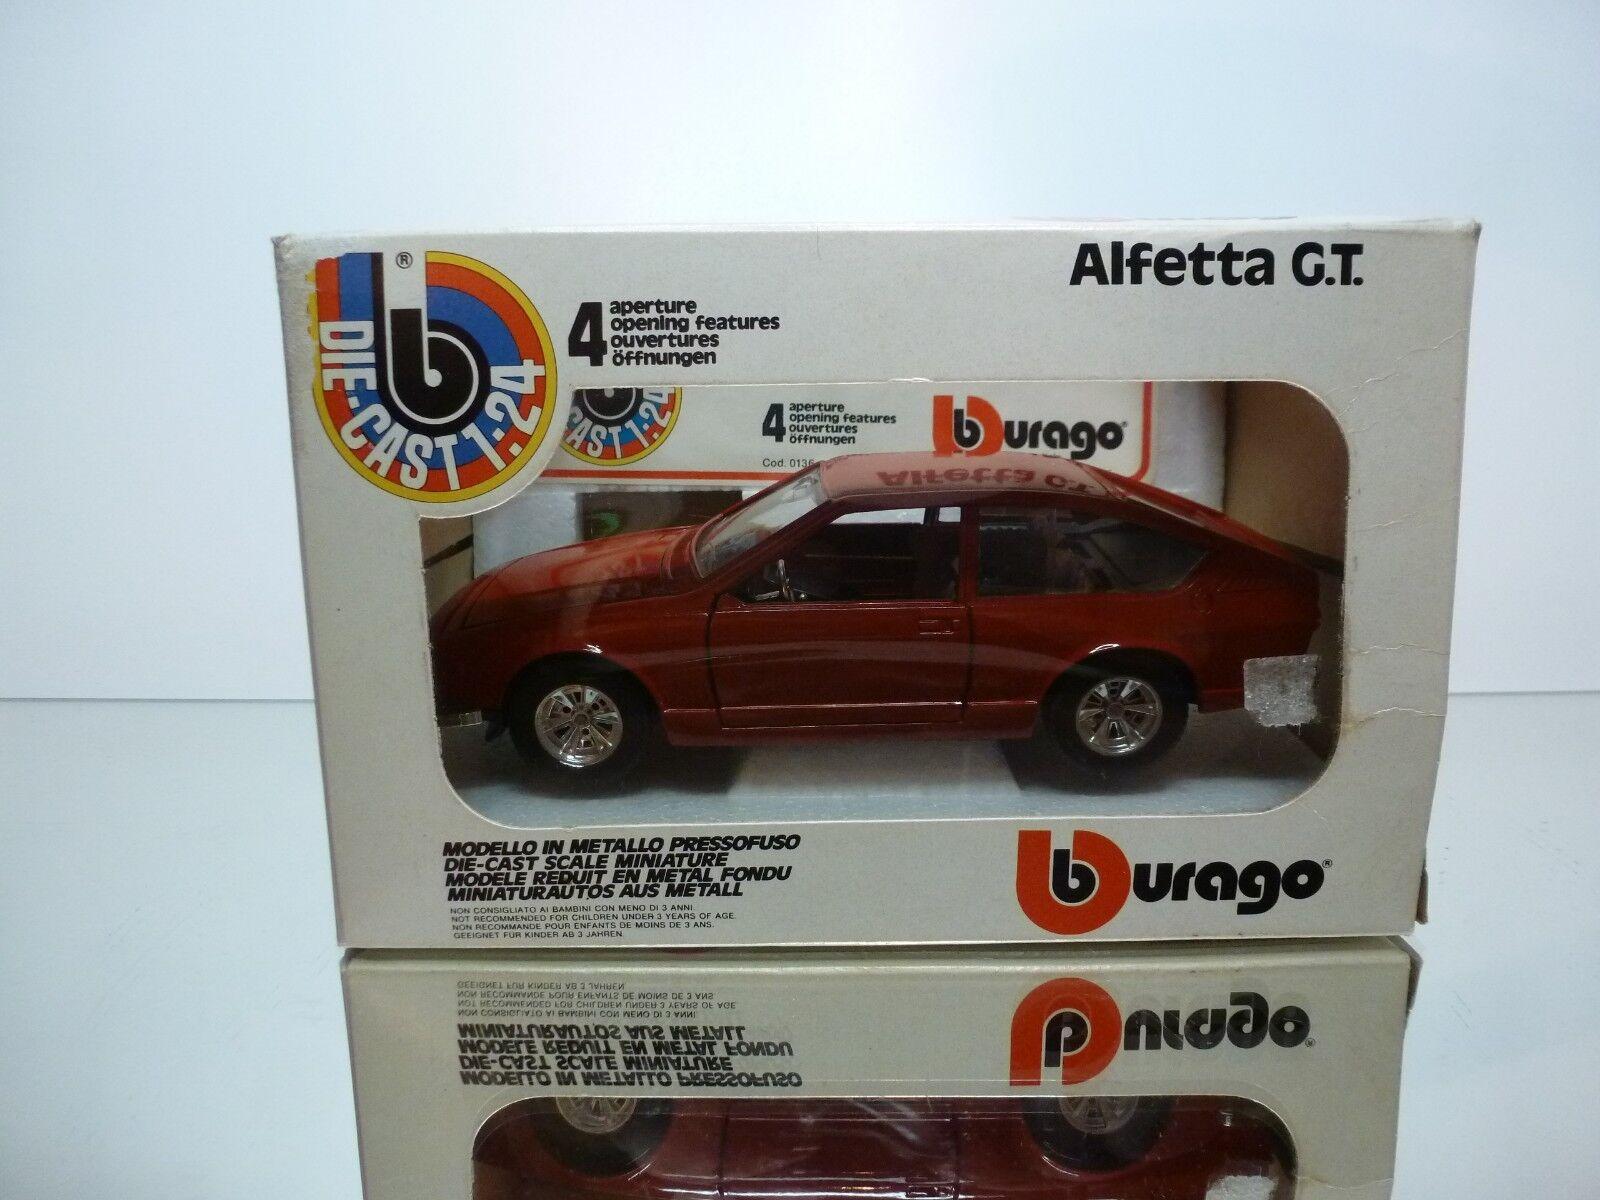 BBURAGO 0136 ALFA ROMEO ALFETTA GT - rosso 1 25 - VERY GOOD IN BOX